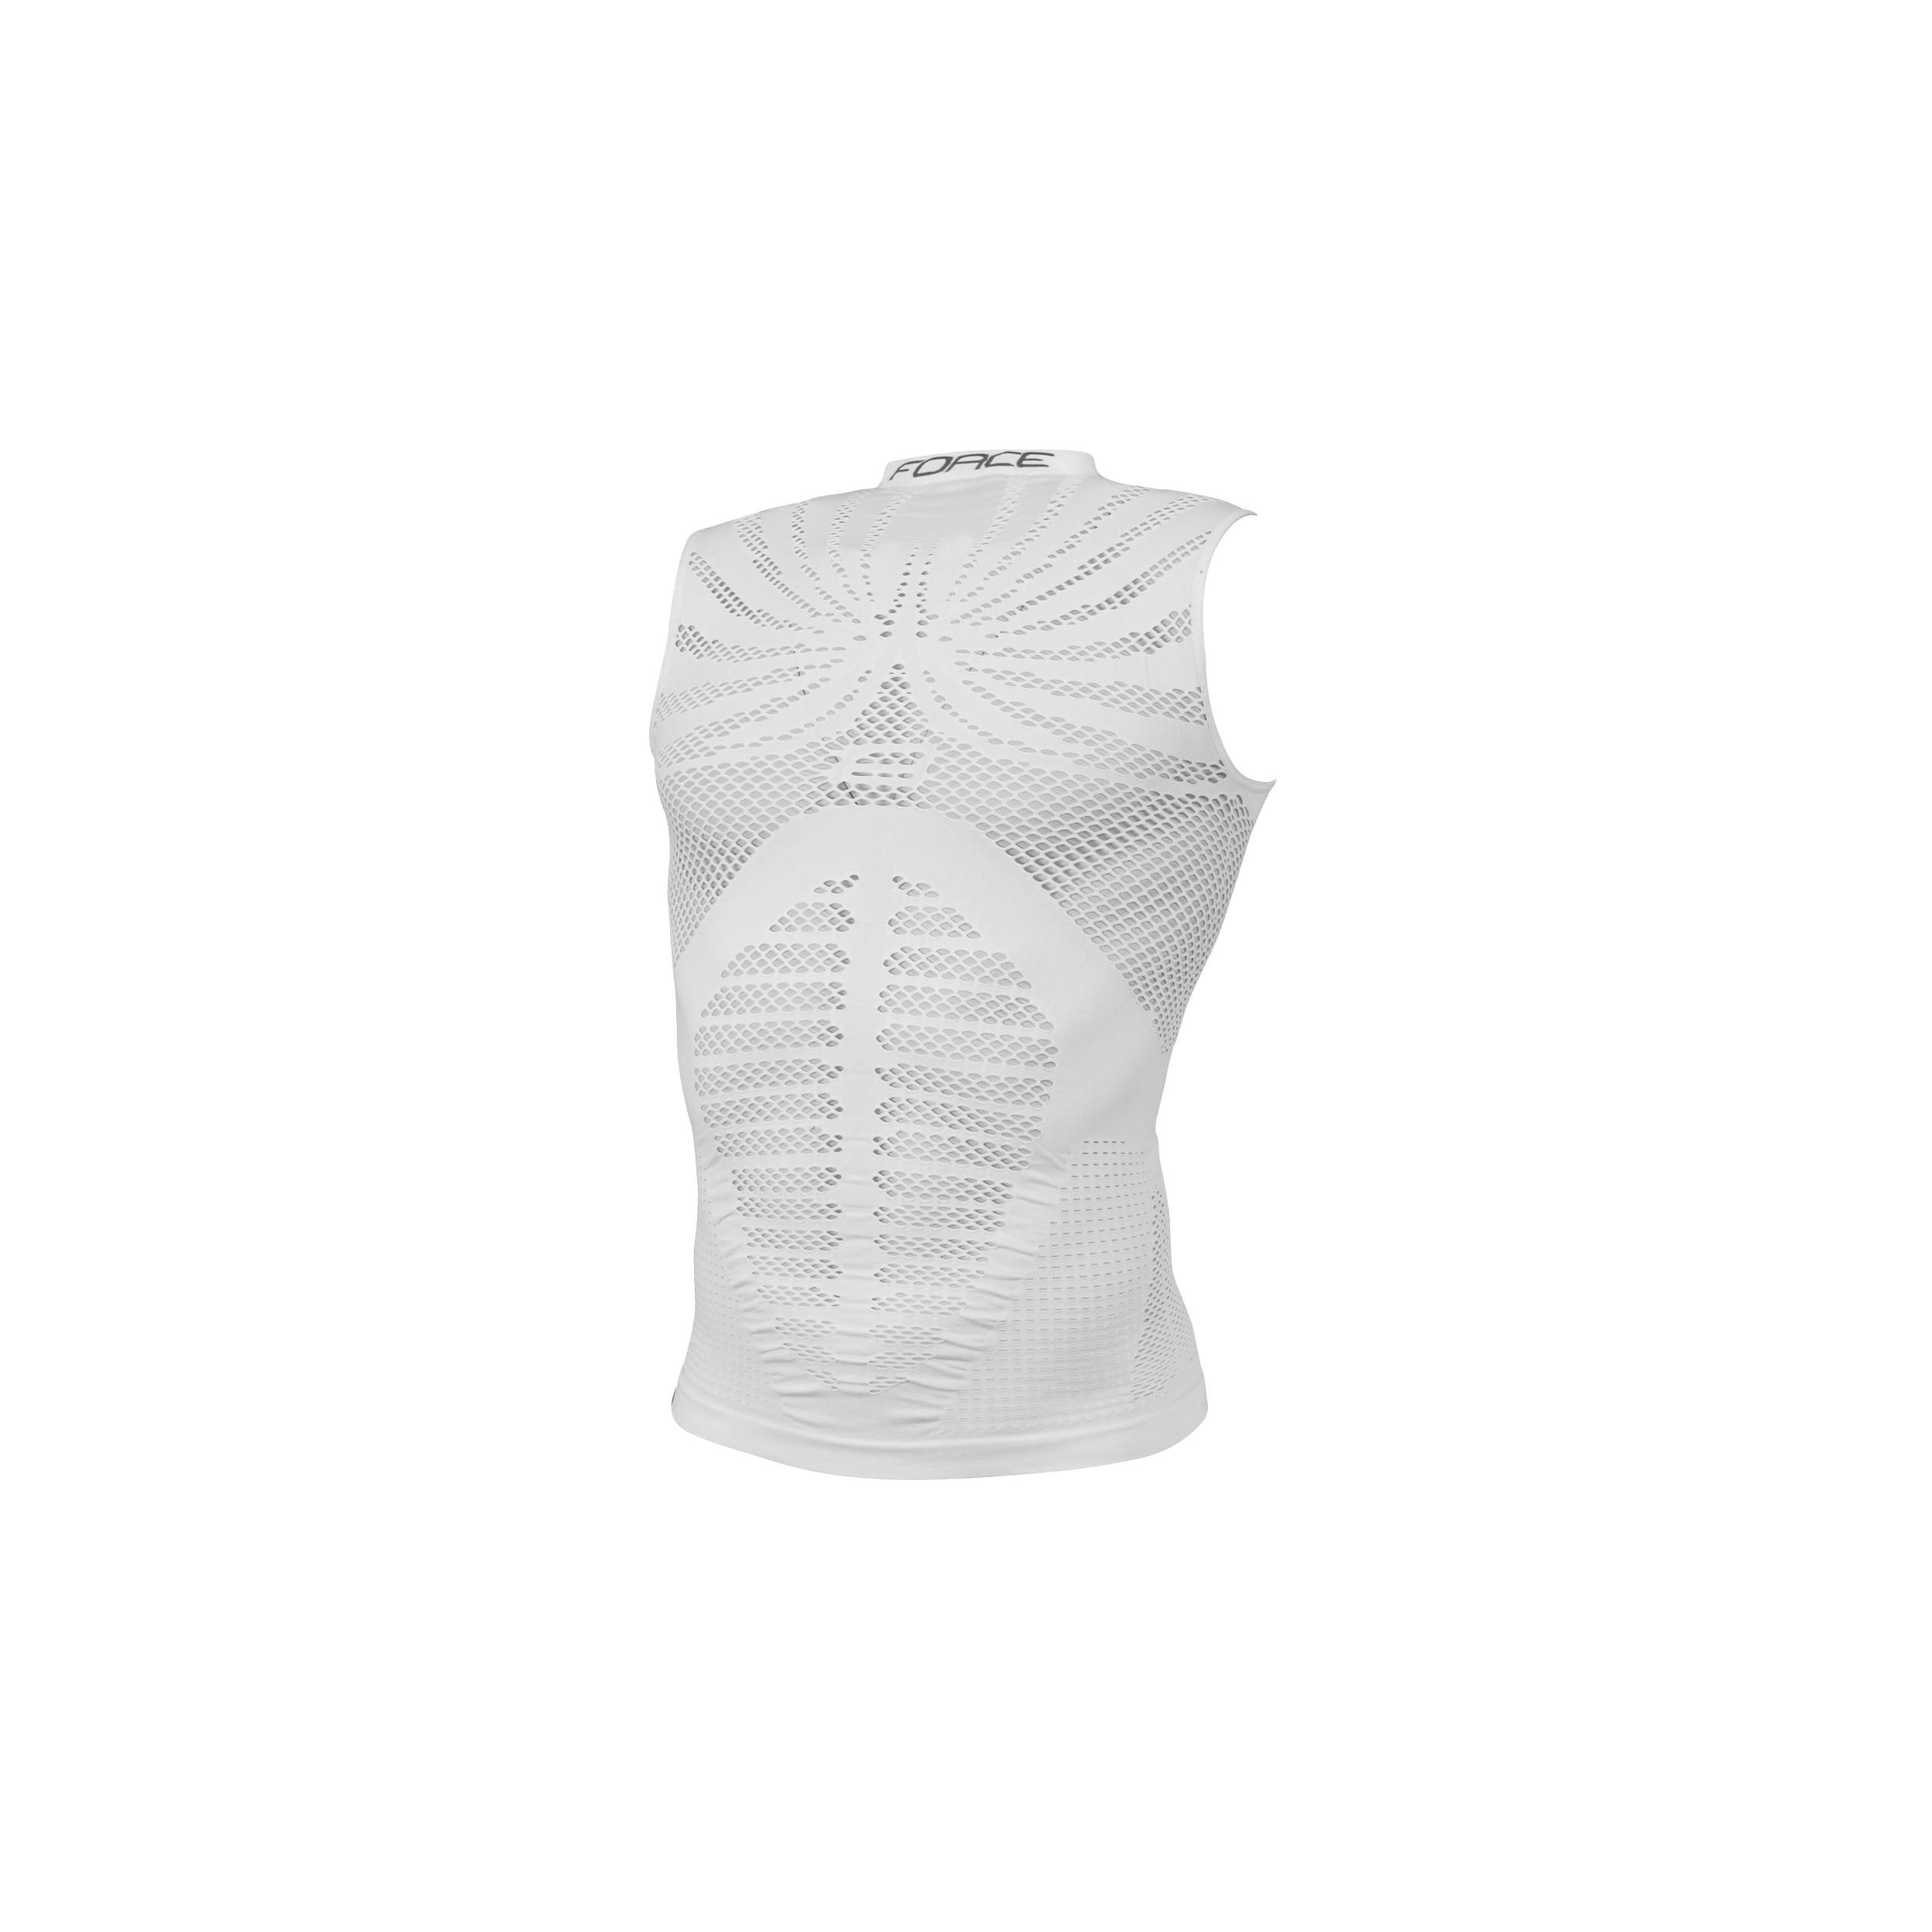 Triko/Funkční prádlo FORCE HOT bez rukávů, bílé L-XL